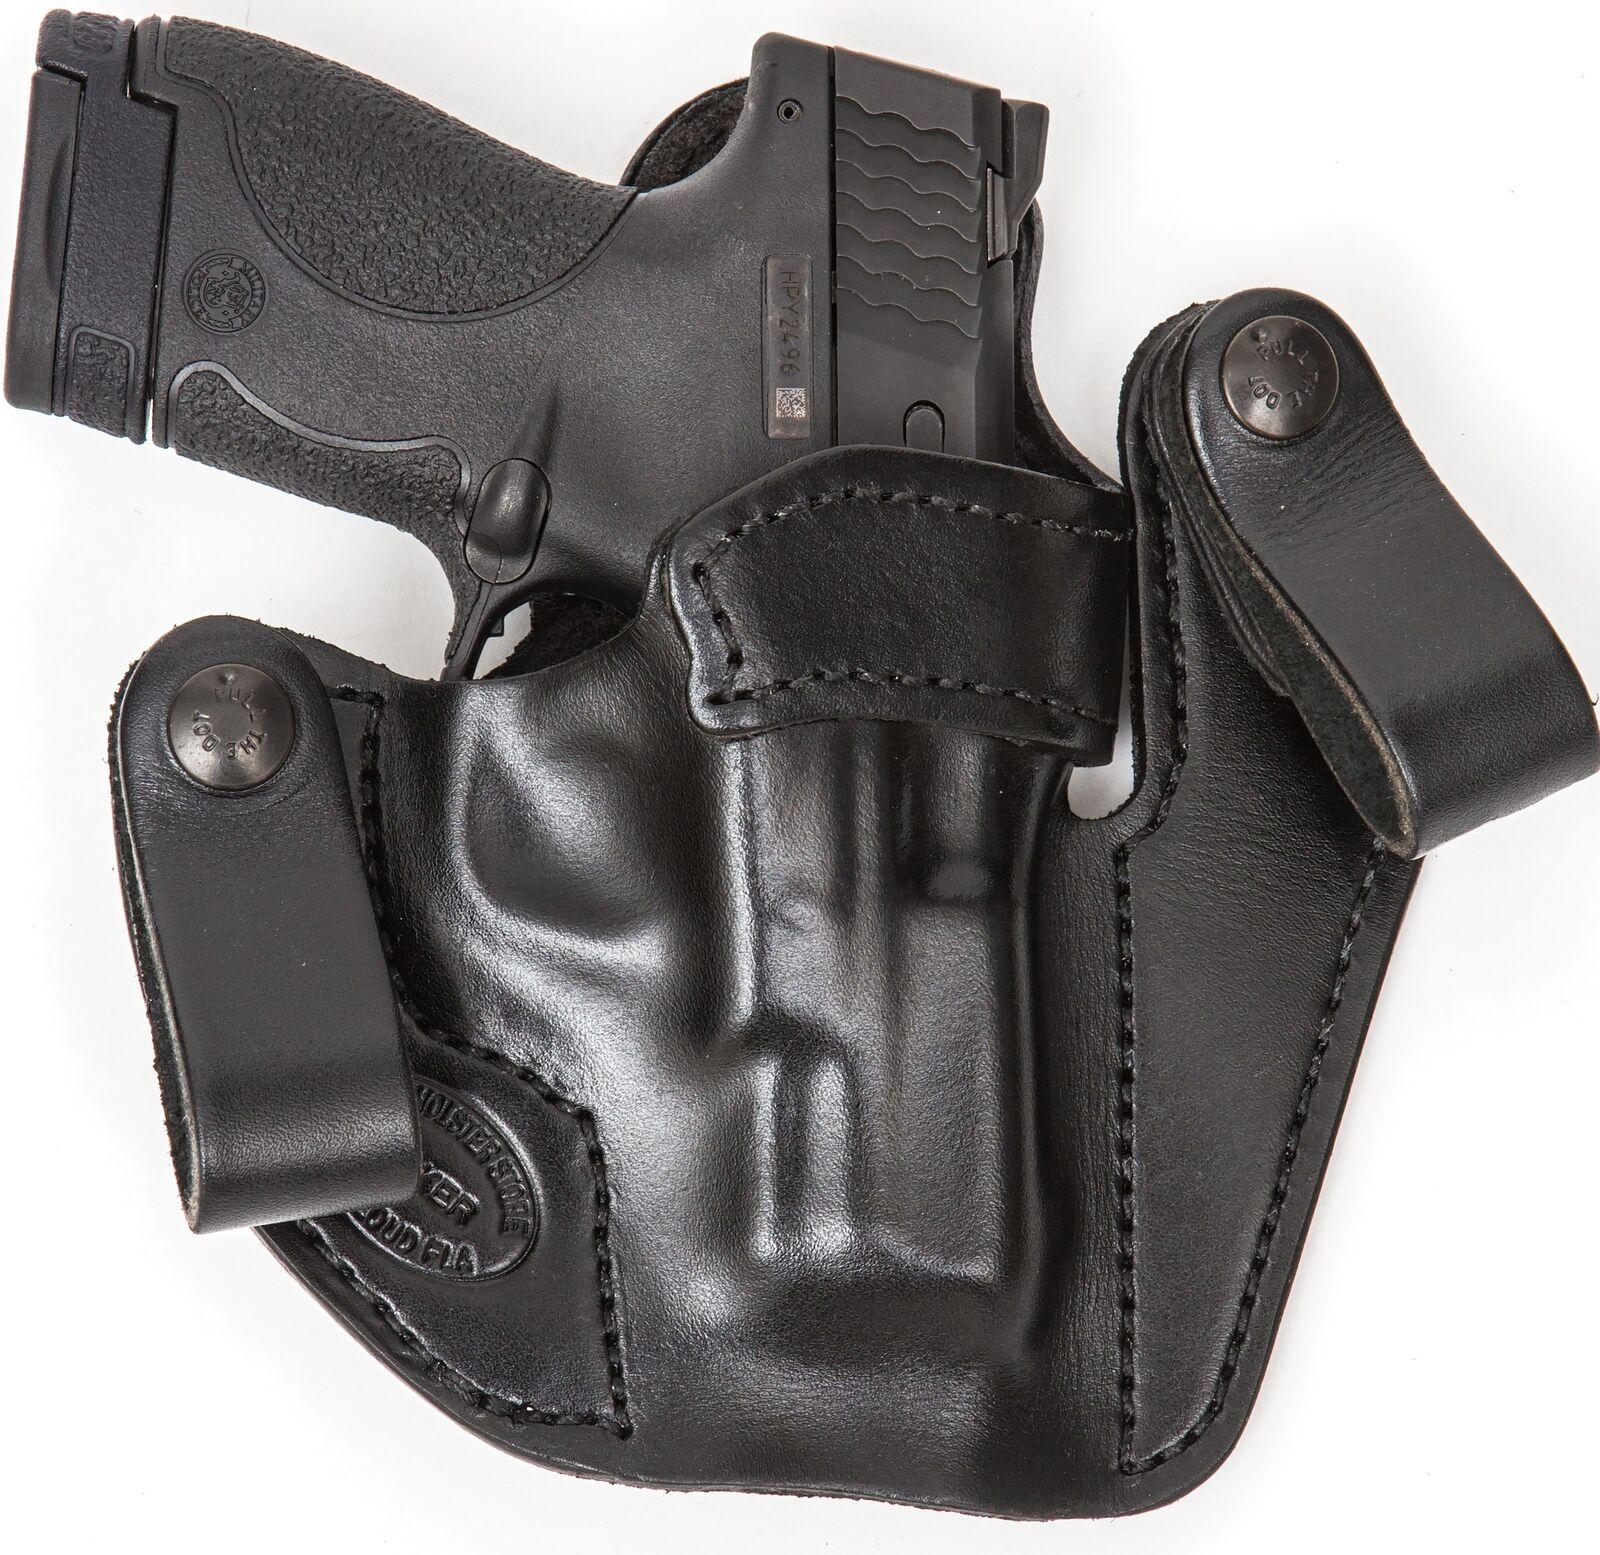 XTREME llevar RH LH dentro de la cintura de cuero Funda Pistola Para Beretta 92 sin rieles